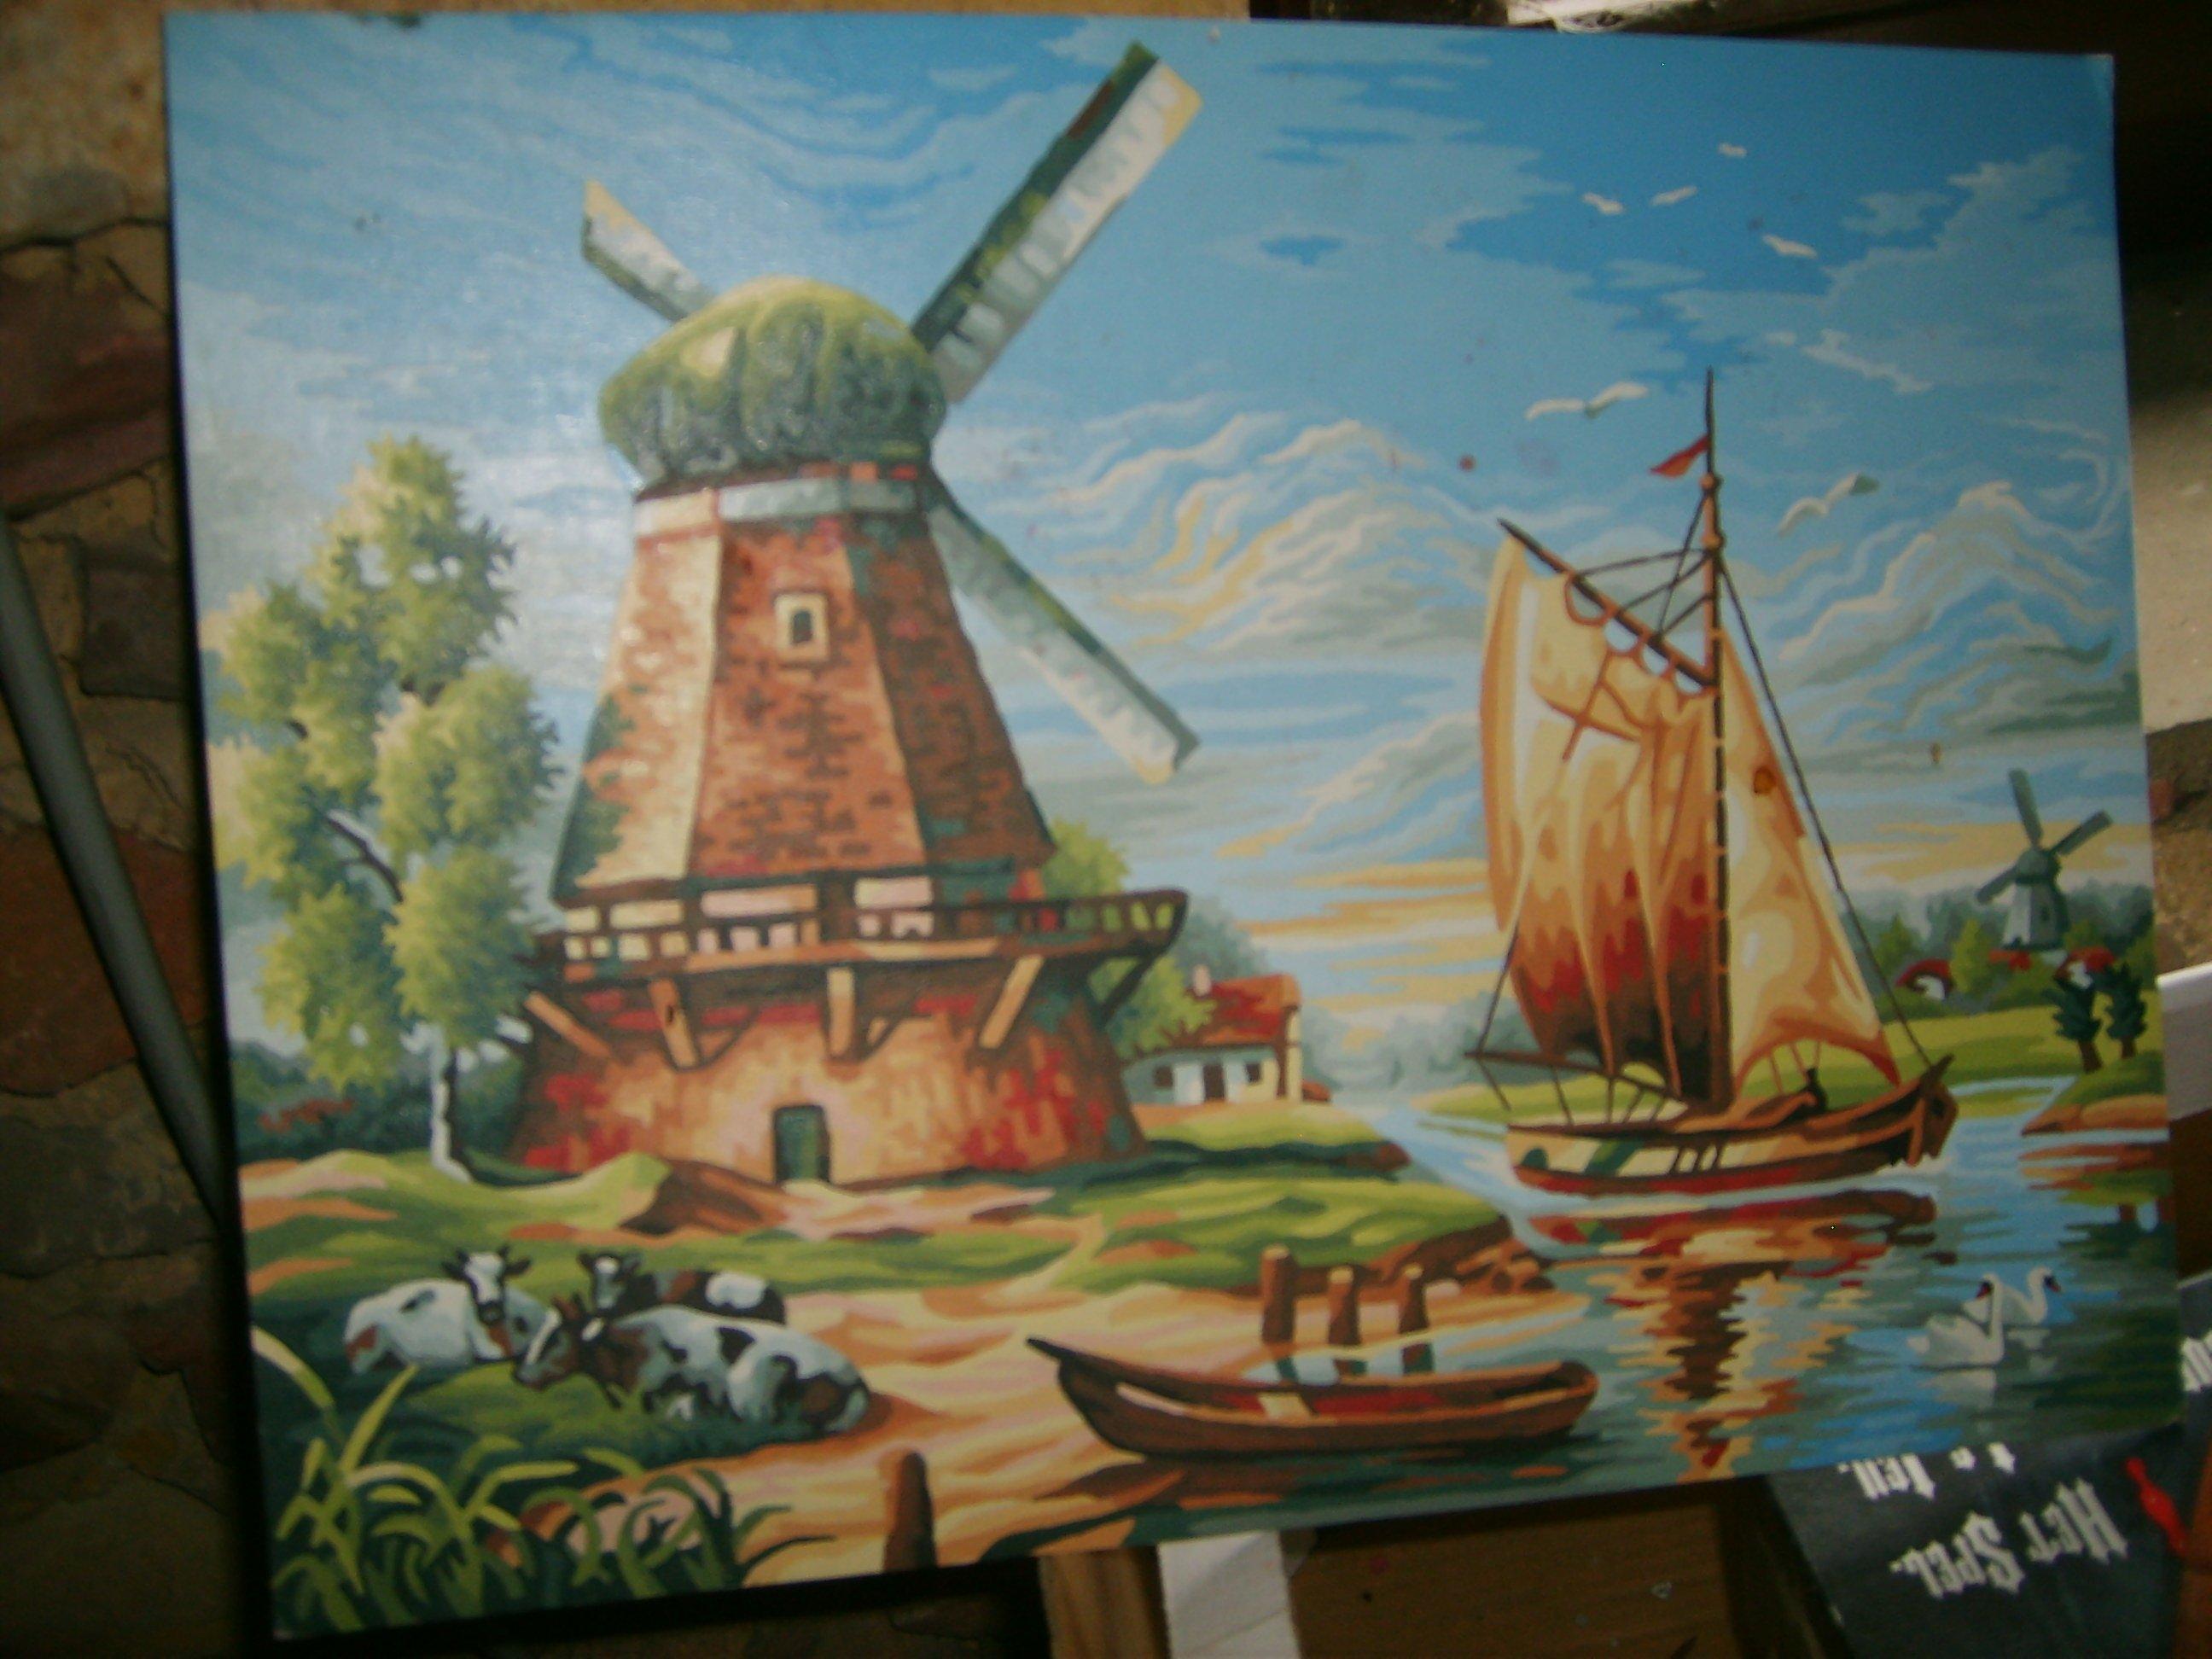 tableau peinture d un moulin avec bateau at monpetitbazaramoi. Black Bedroom Furniture Sets. Home Design Ideas